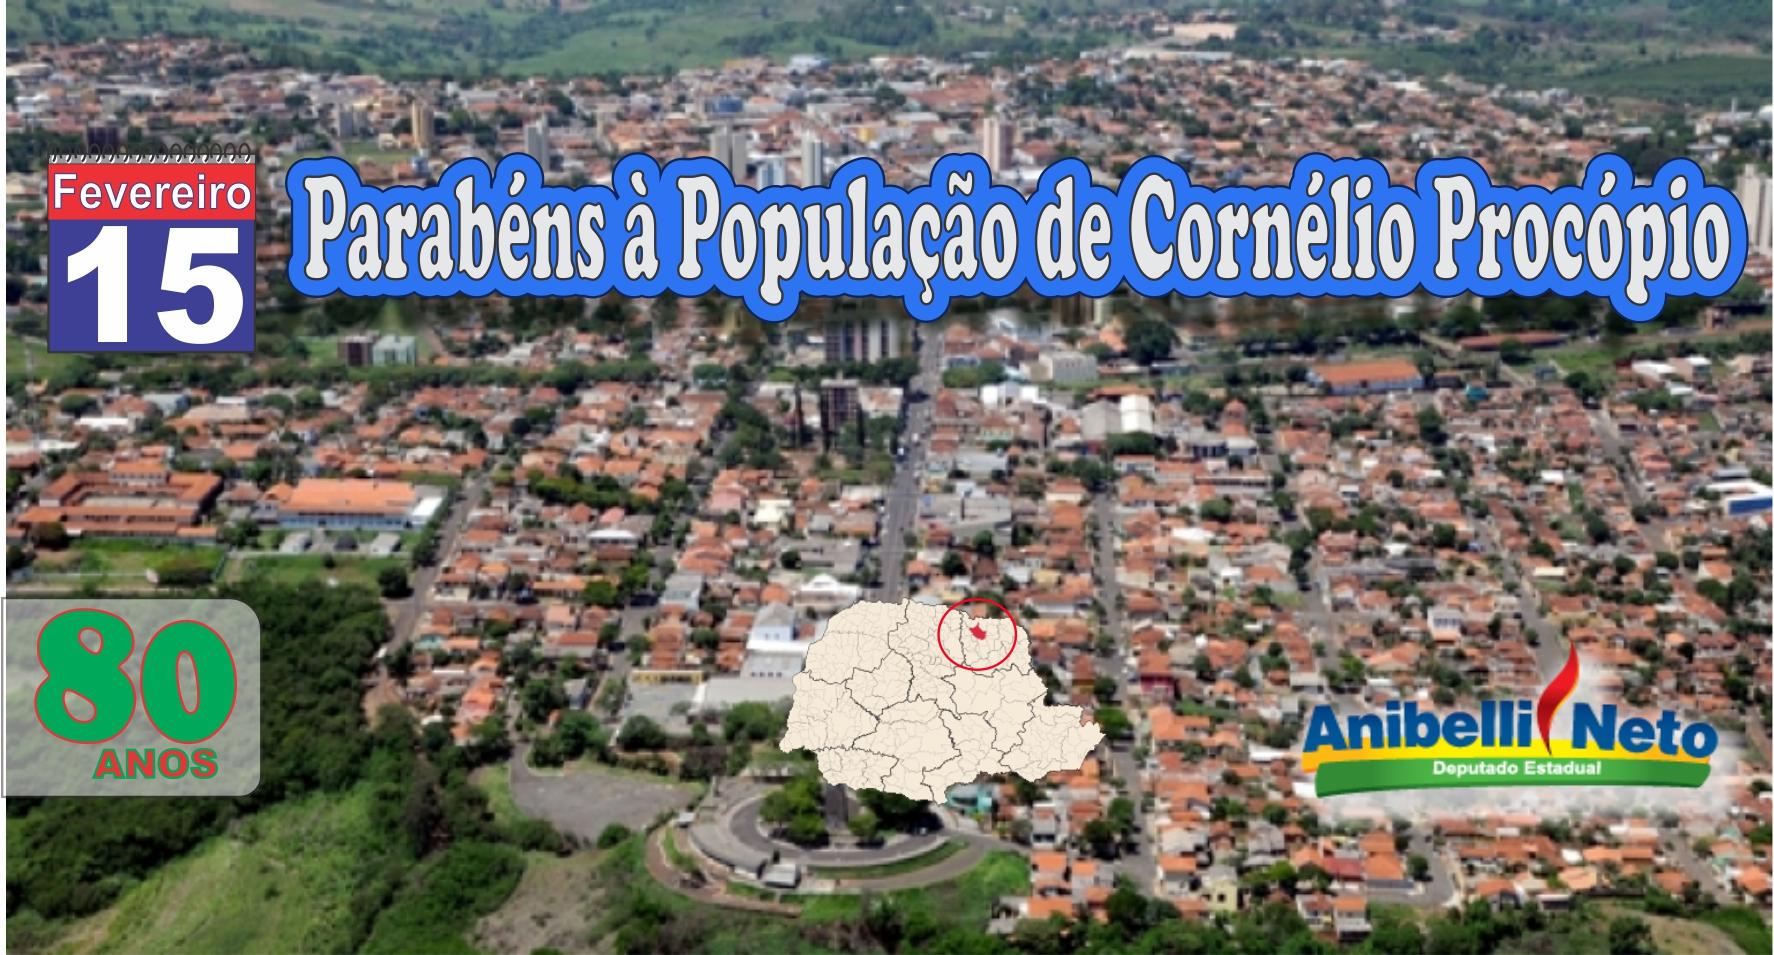 Parabéns à População de Cornélio Procópio.